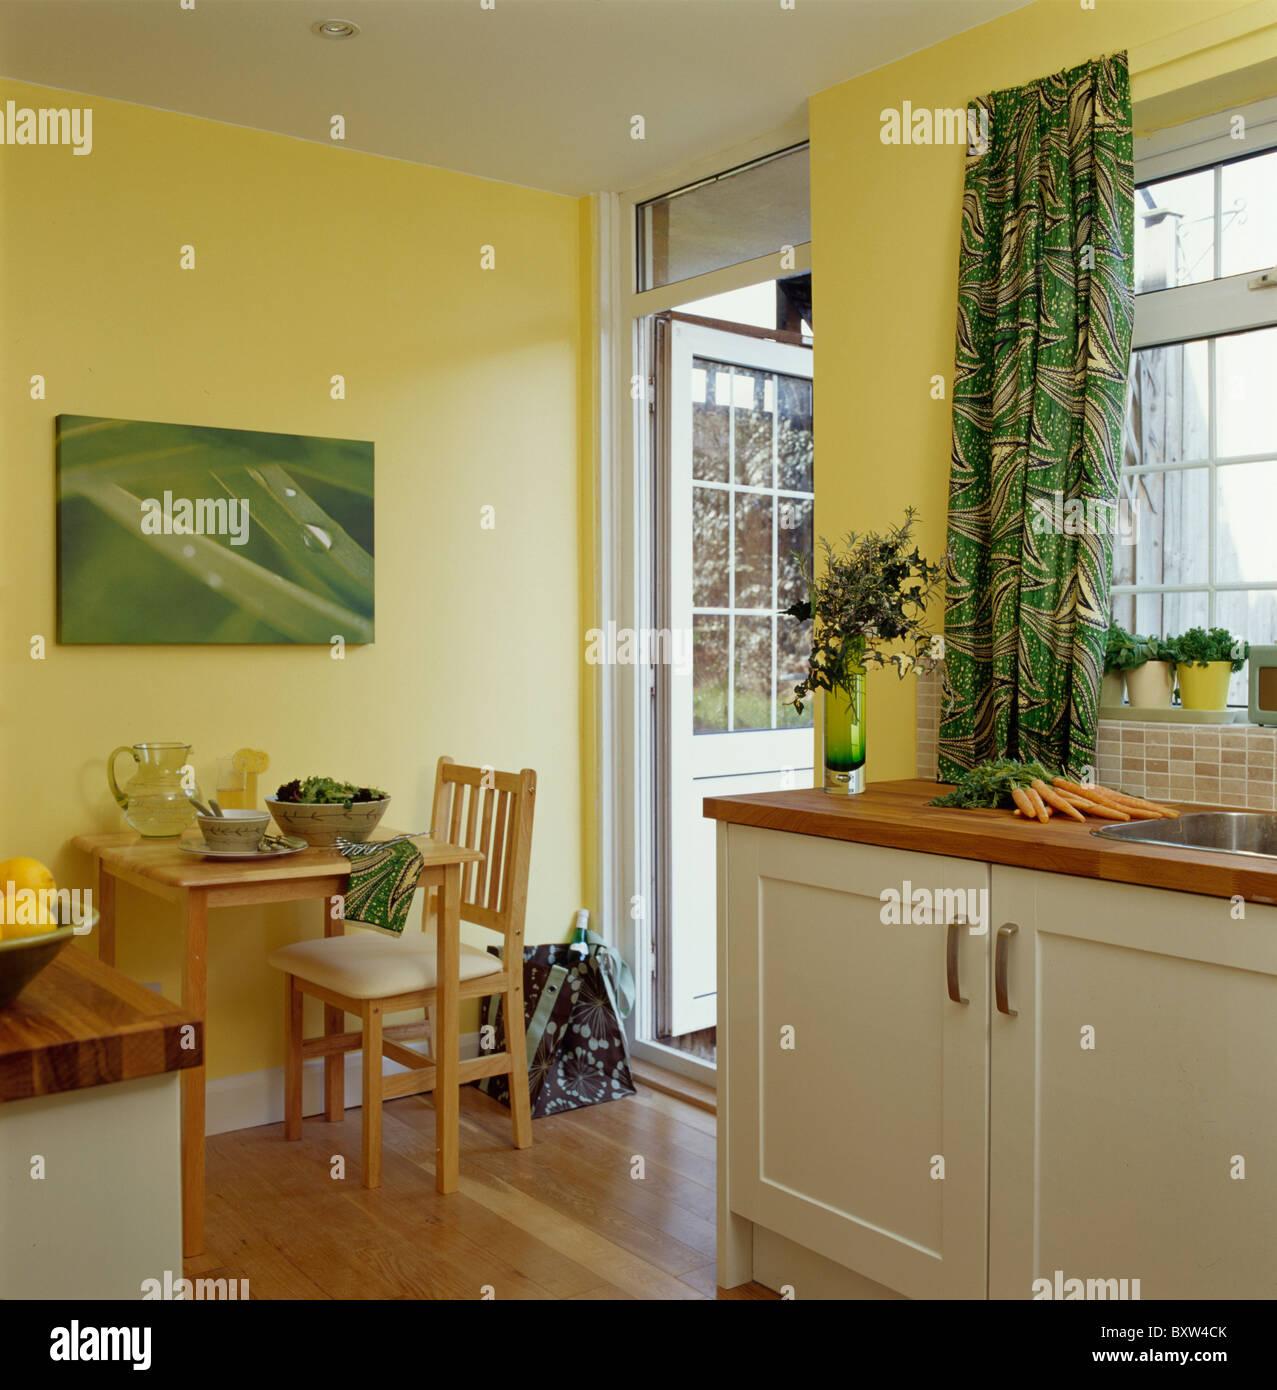 Kuche Gelbe Wand Kuchen Farben Ideen